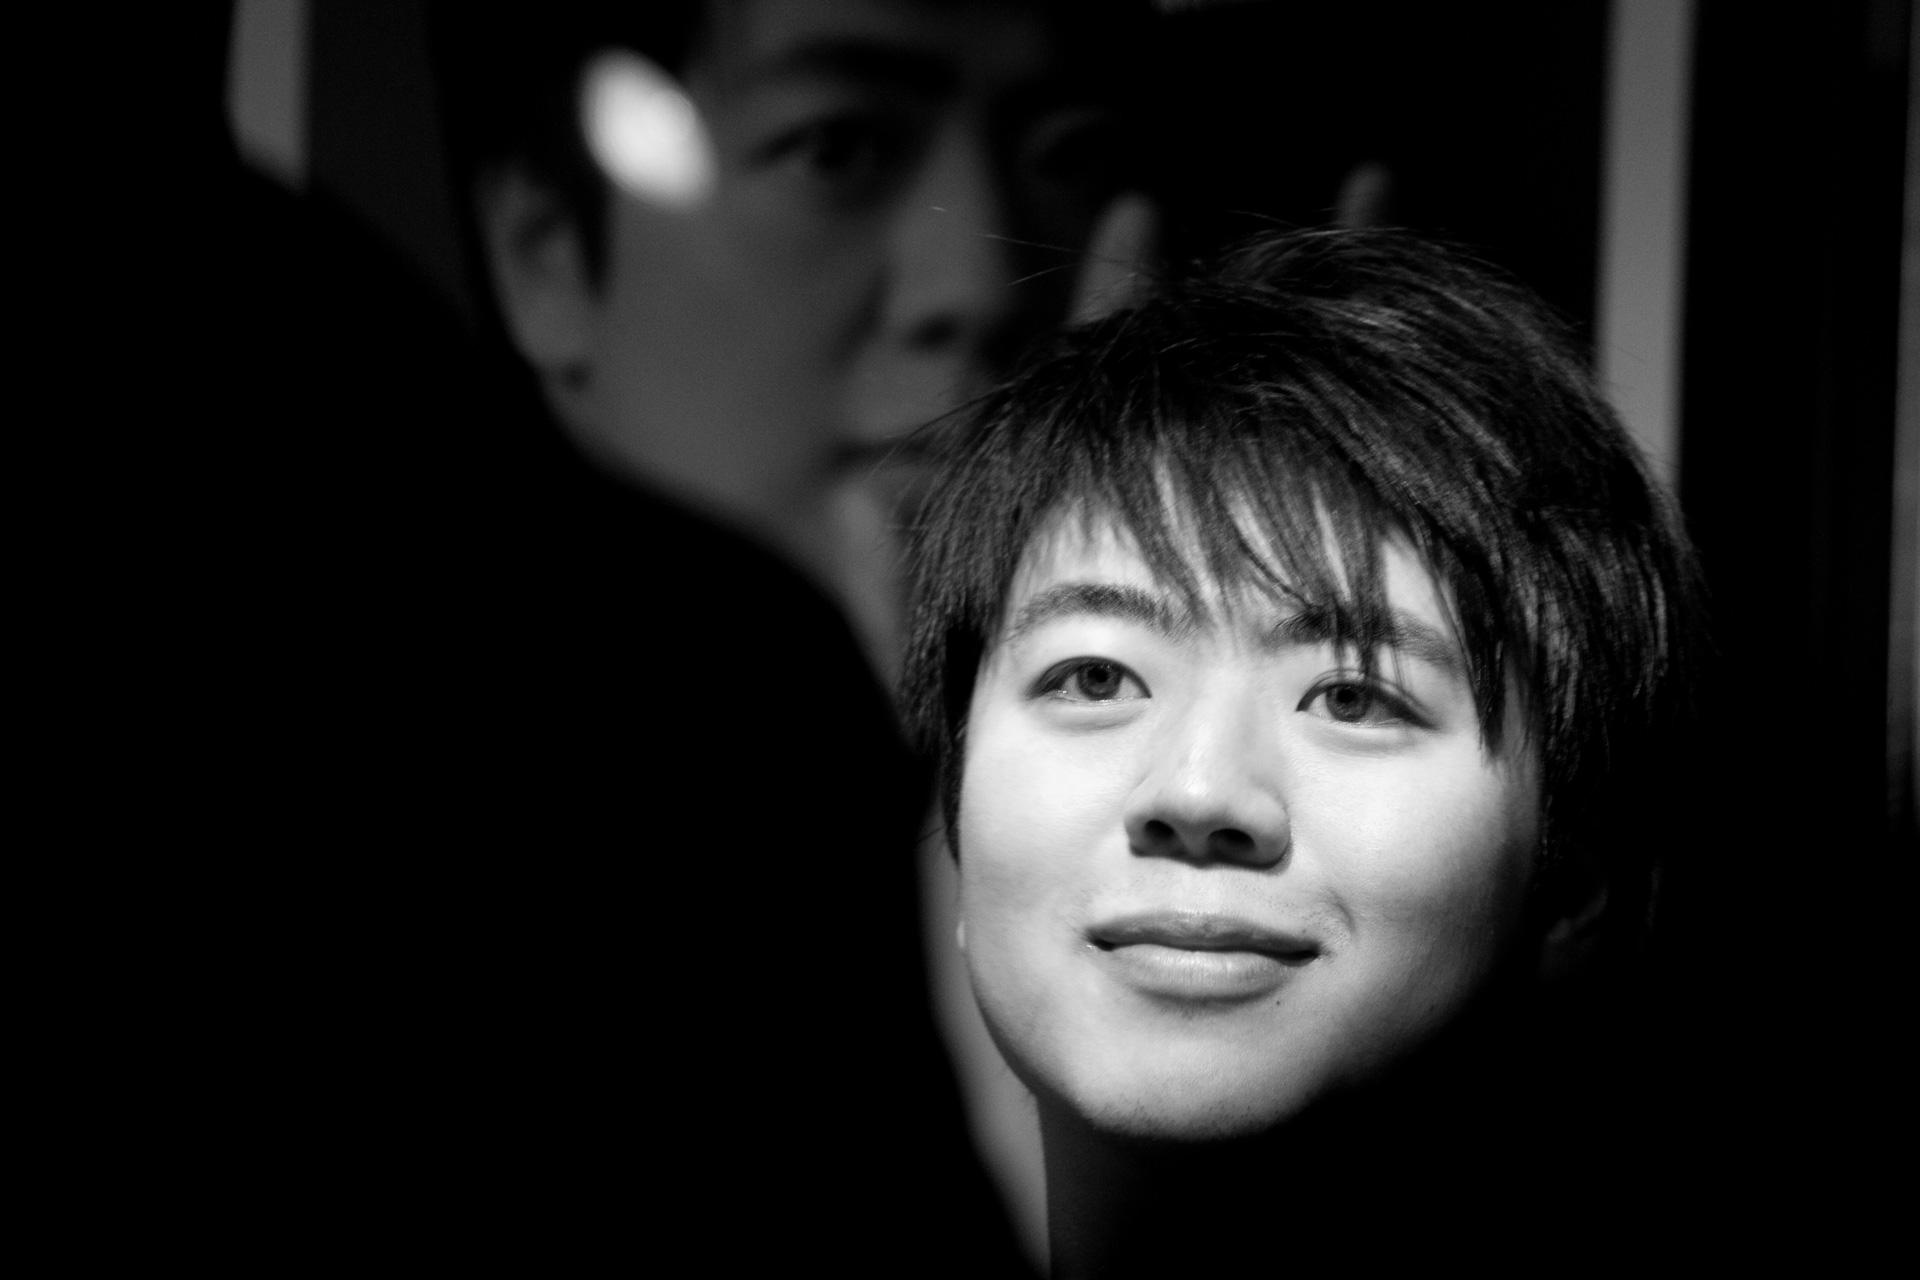 Der chinesische Pianist Lang Lang, 2013, nach einem Konzert im Kulturkaufhaus Dussmann, Berlin -